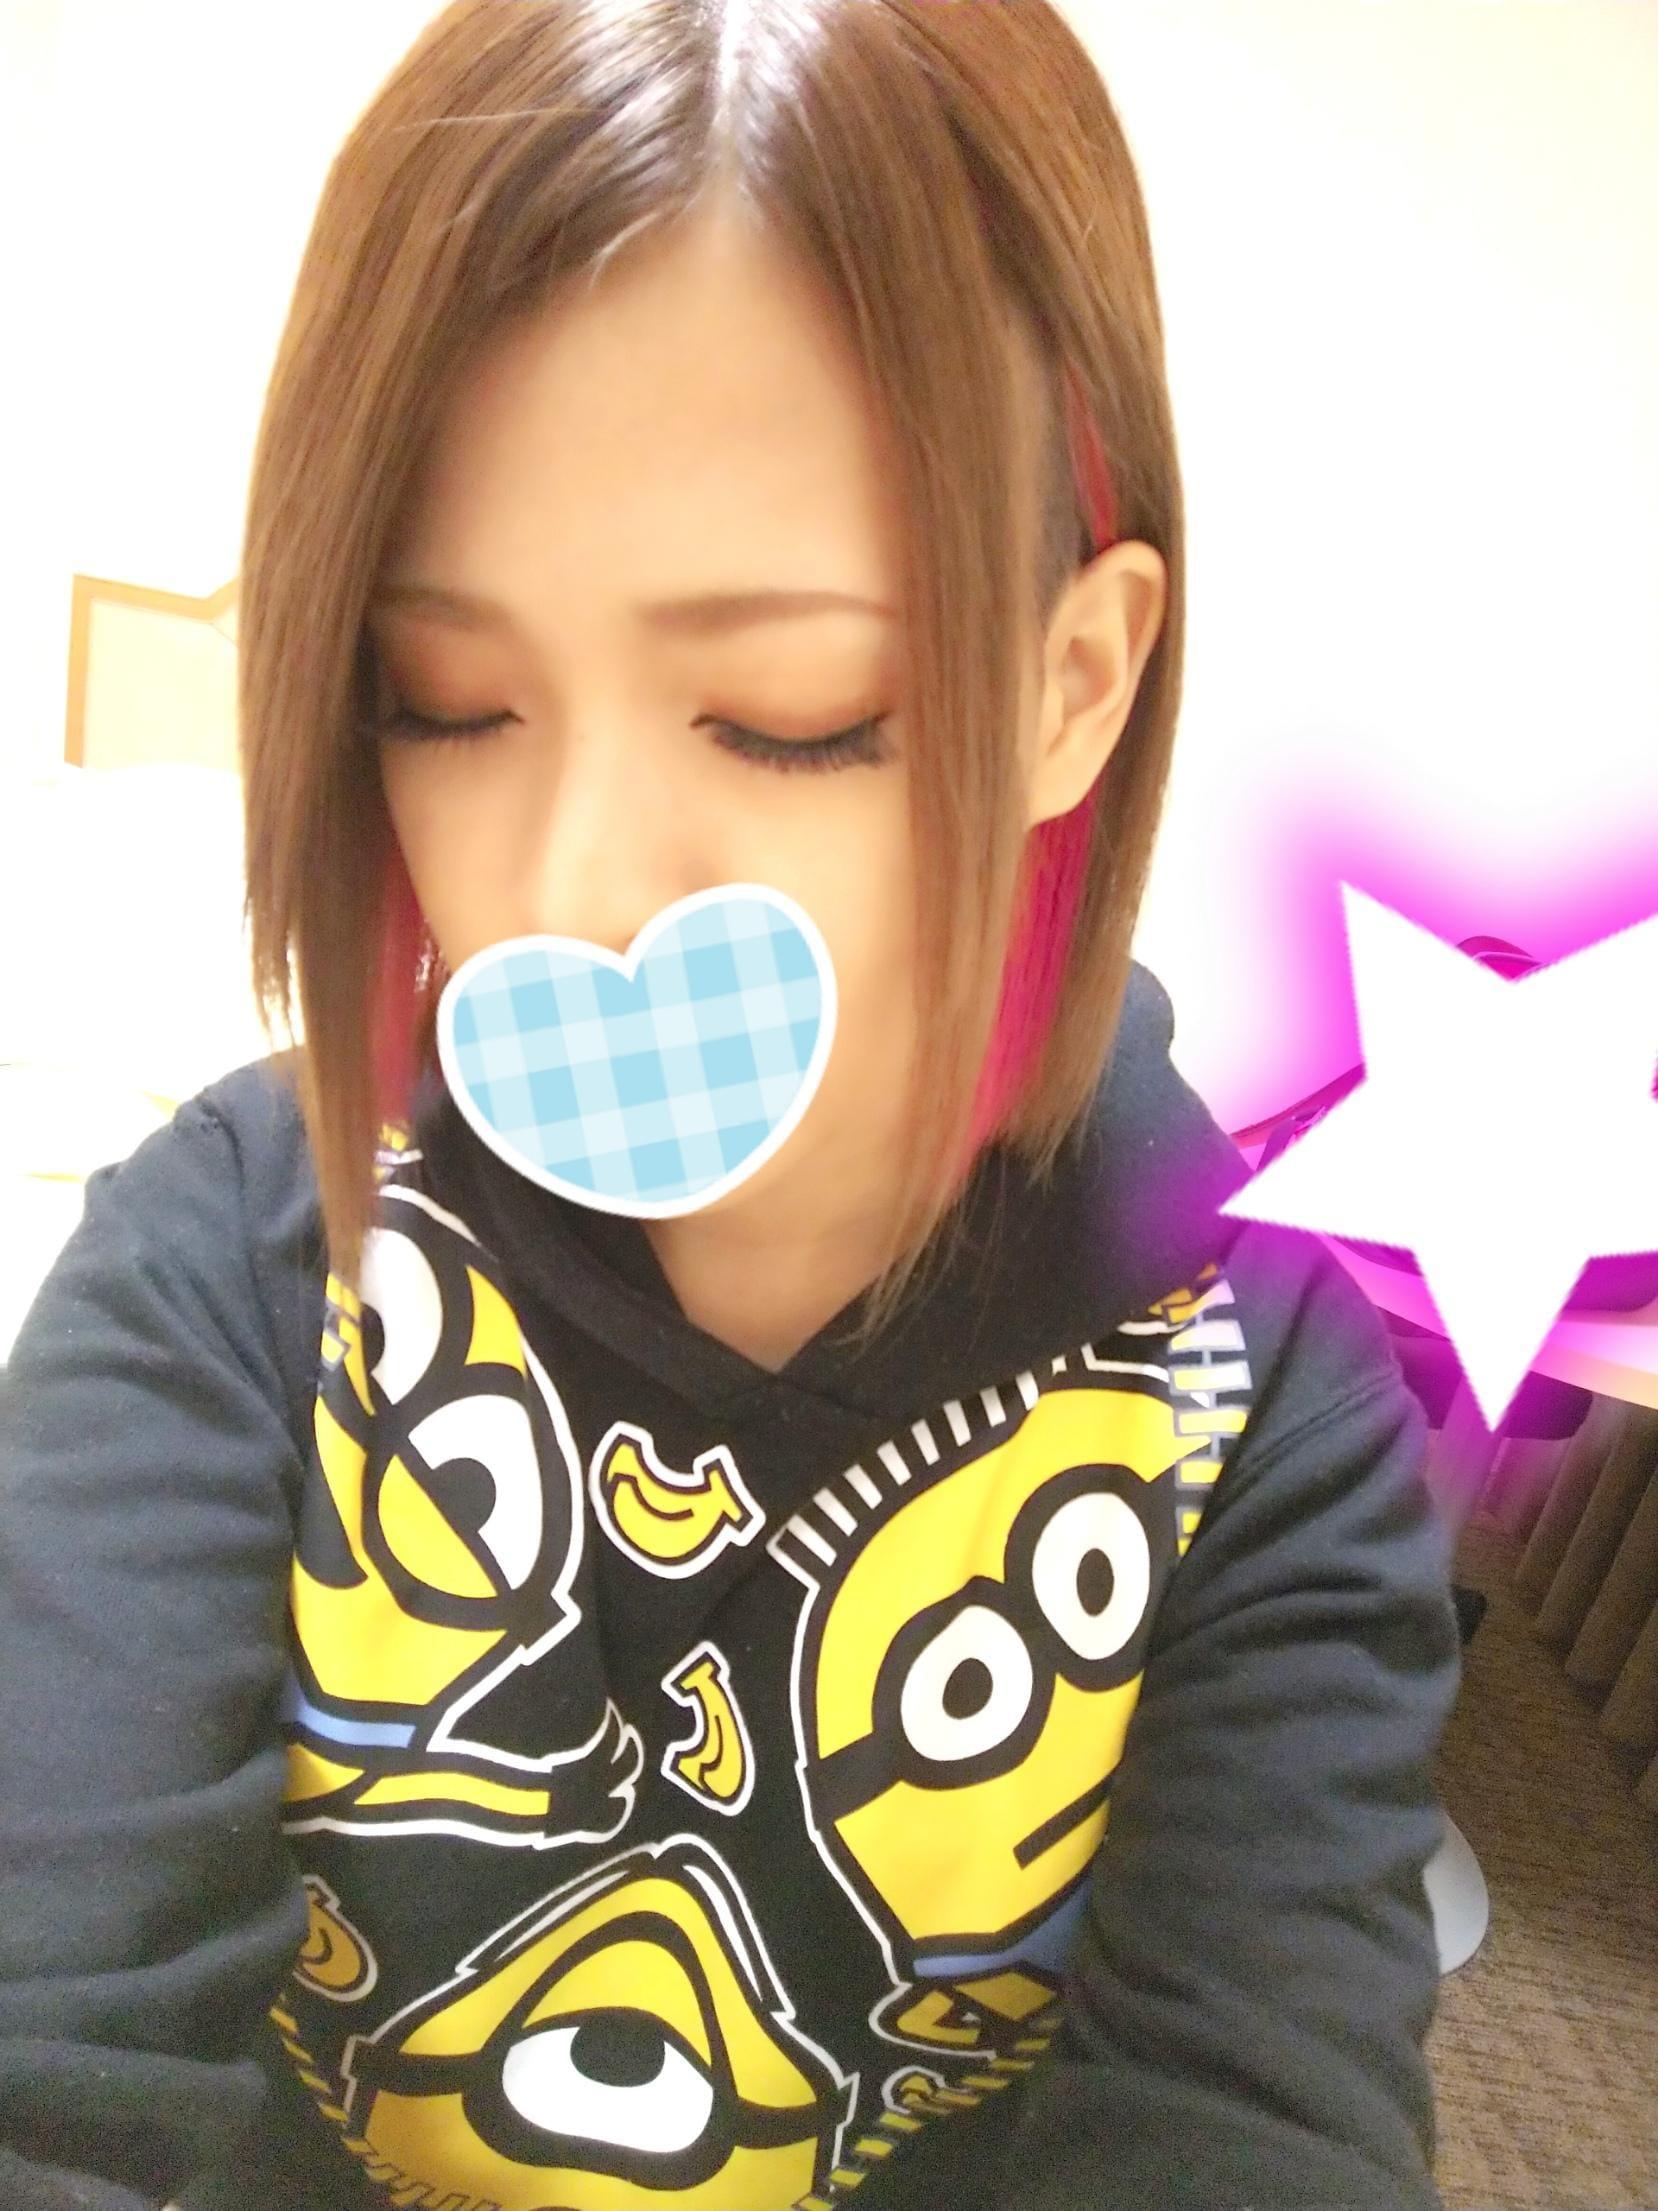 「(´▽`)」12/06(12/06) 08:37   ユイ★の写メ・風俗動画